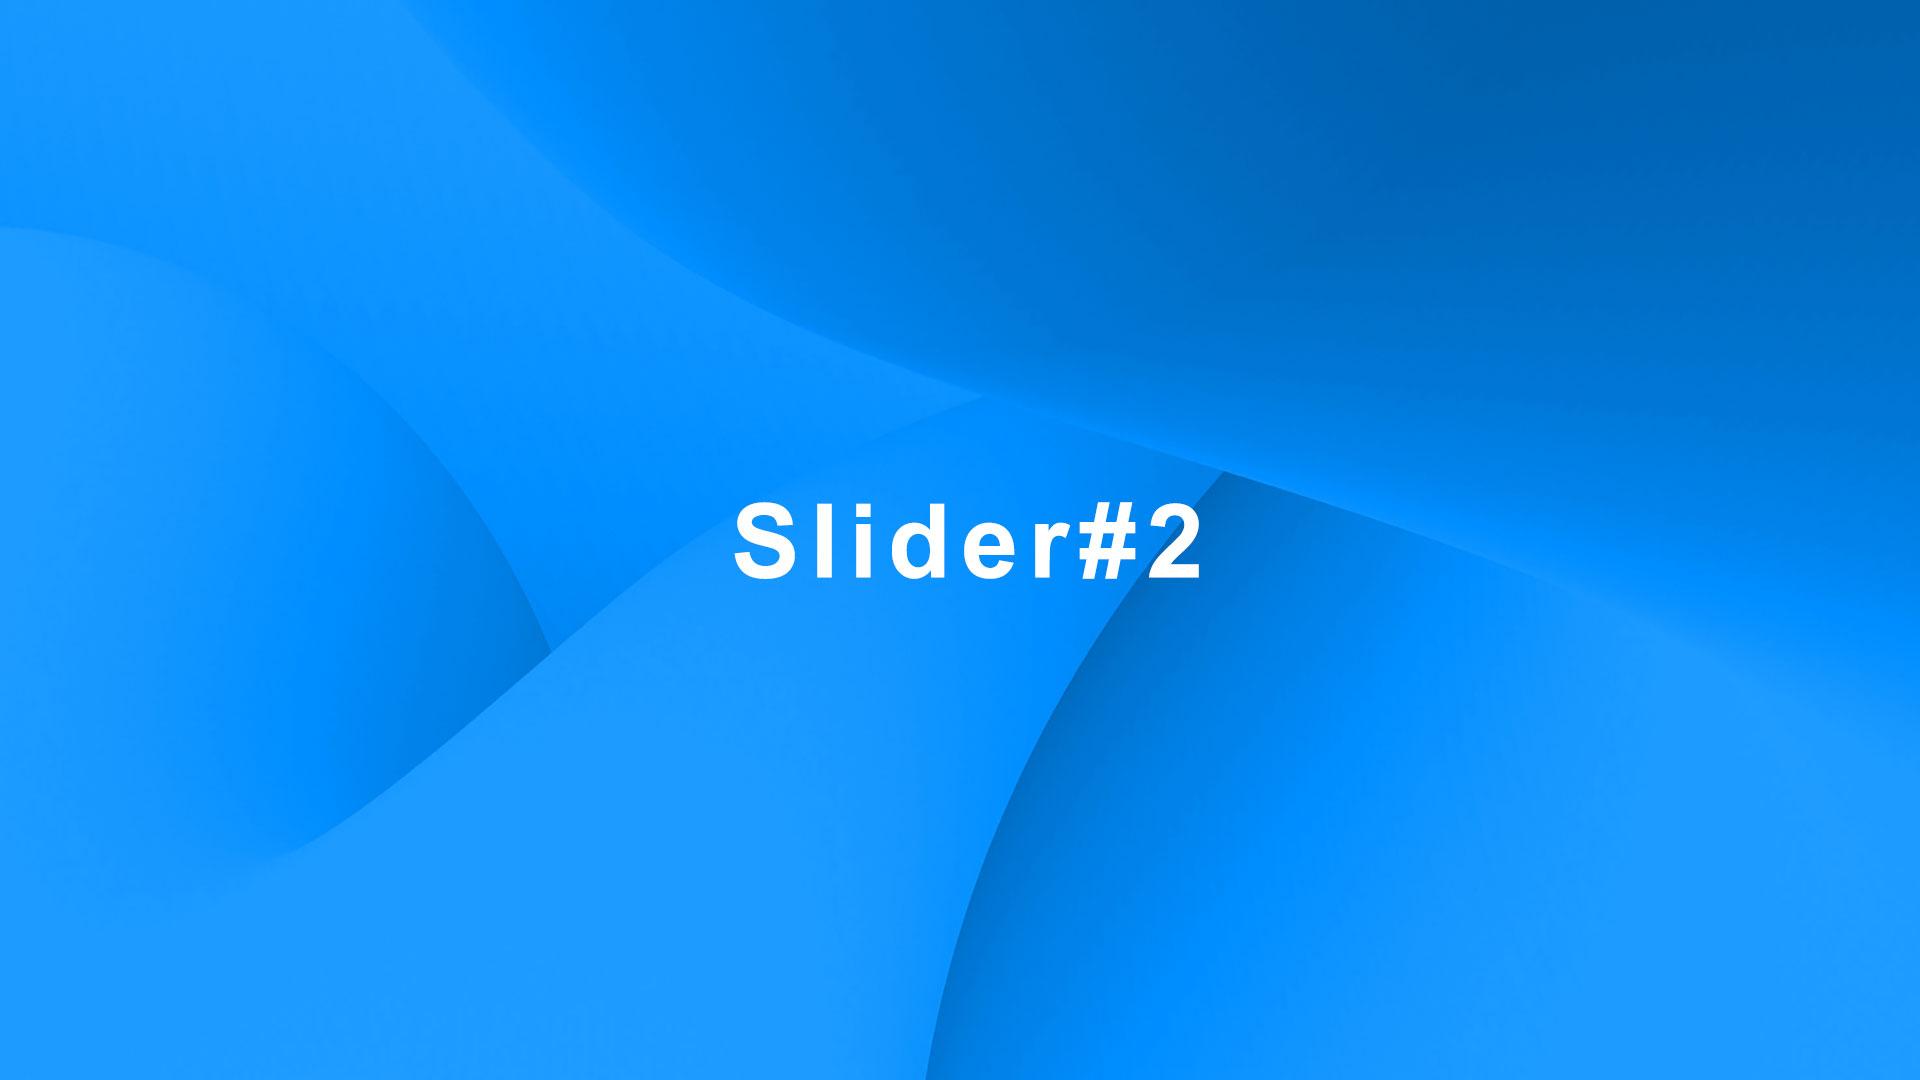 slider2